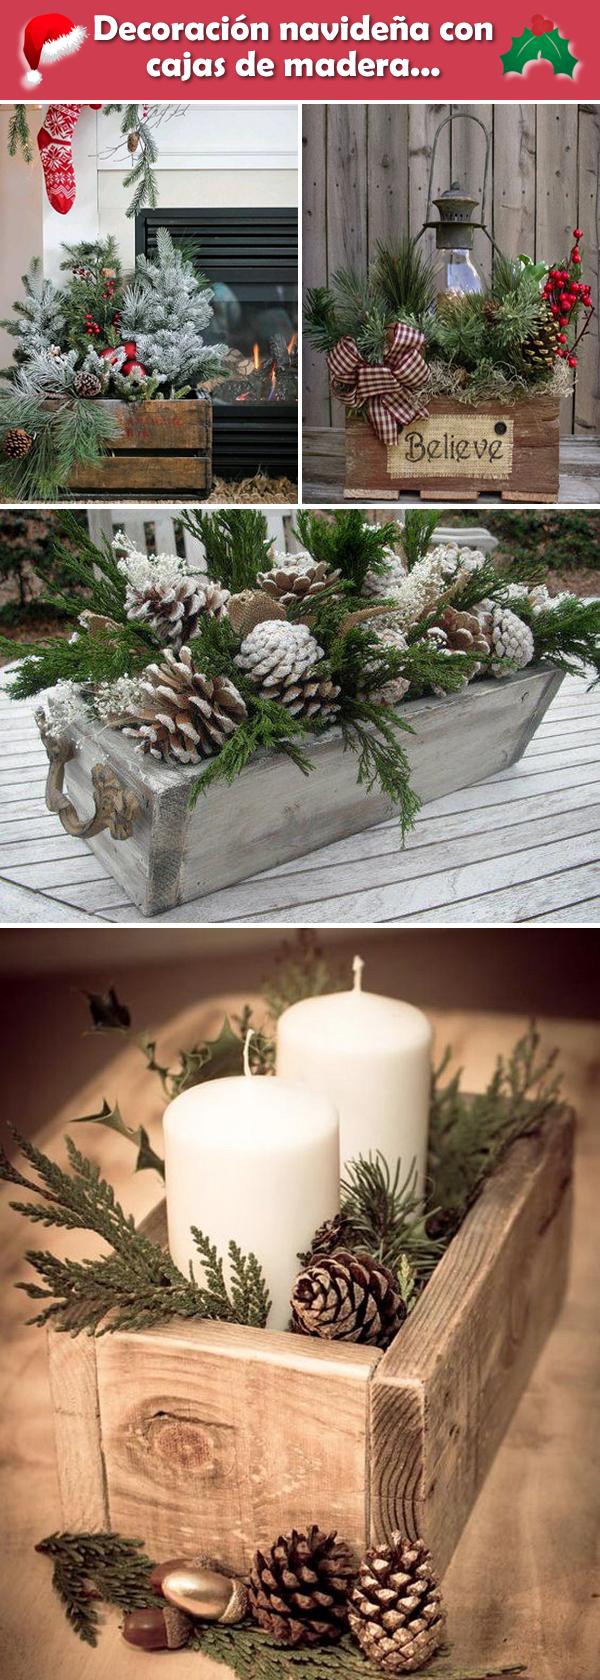 Decoraci n navide a con cajas de madera decoraci n - Decoracion navidena rustica ...